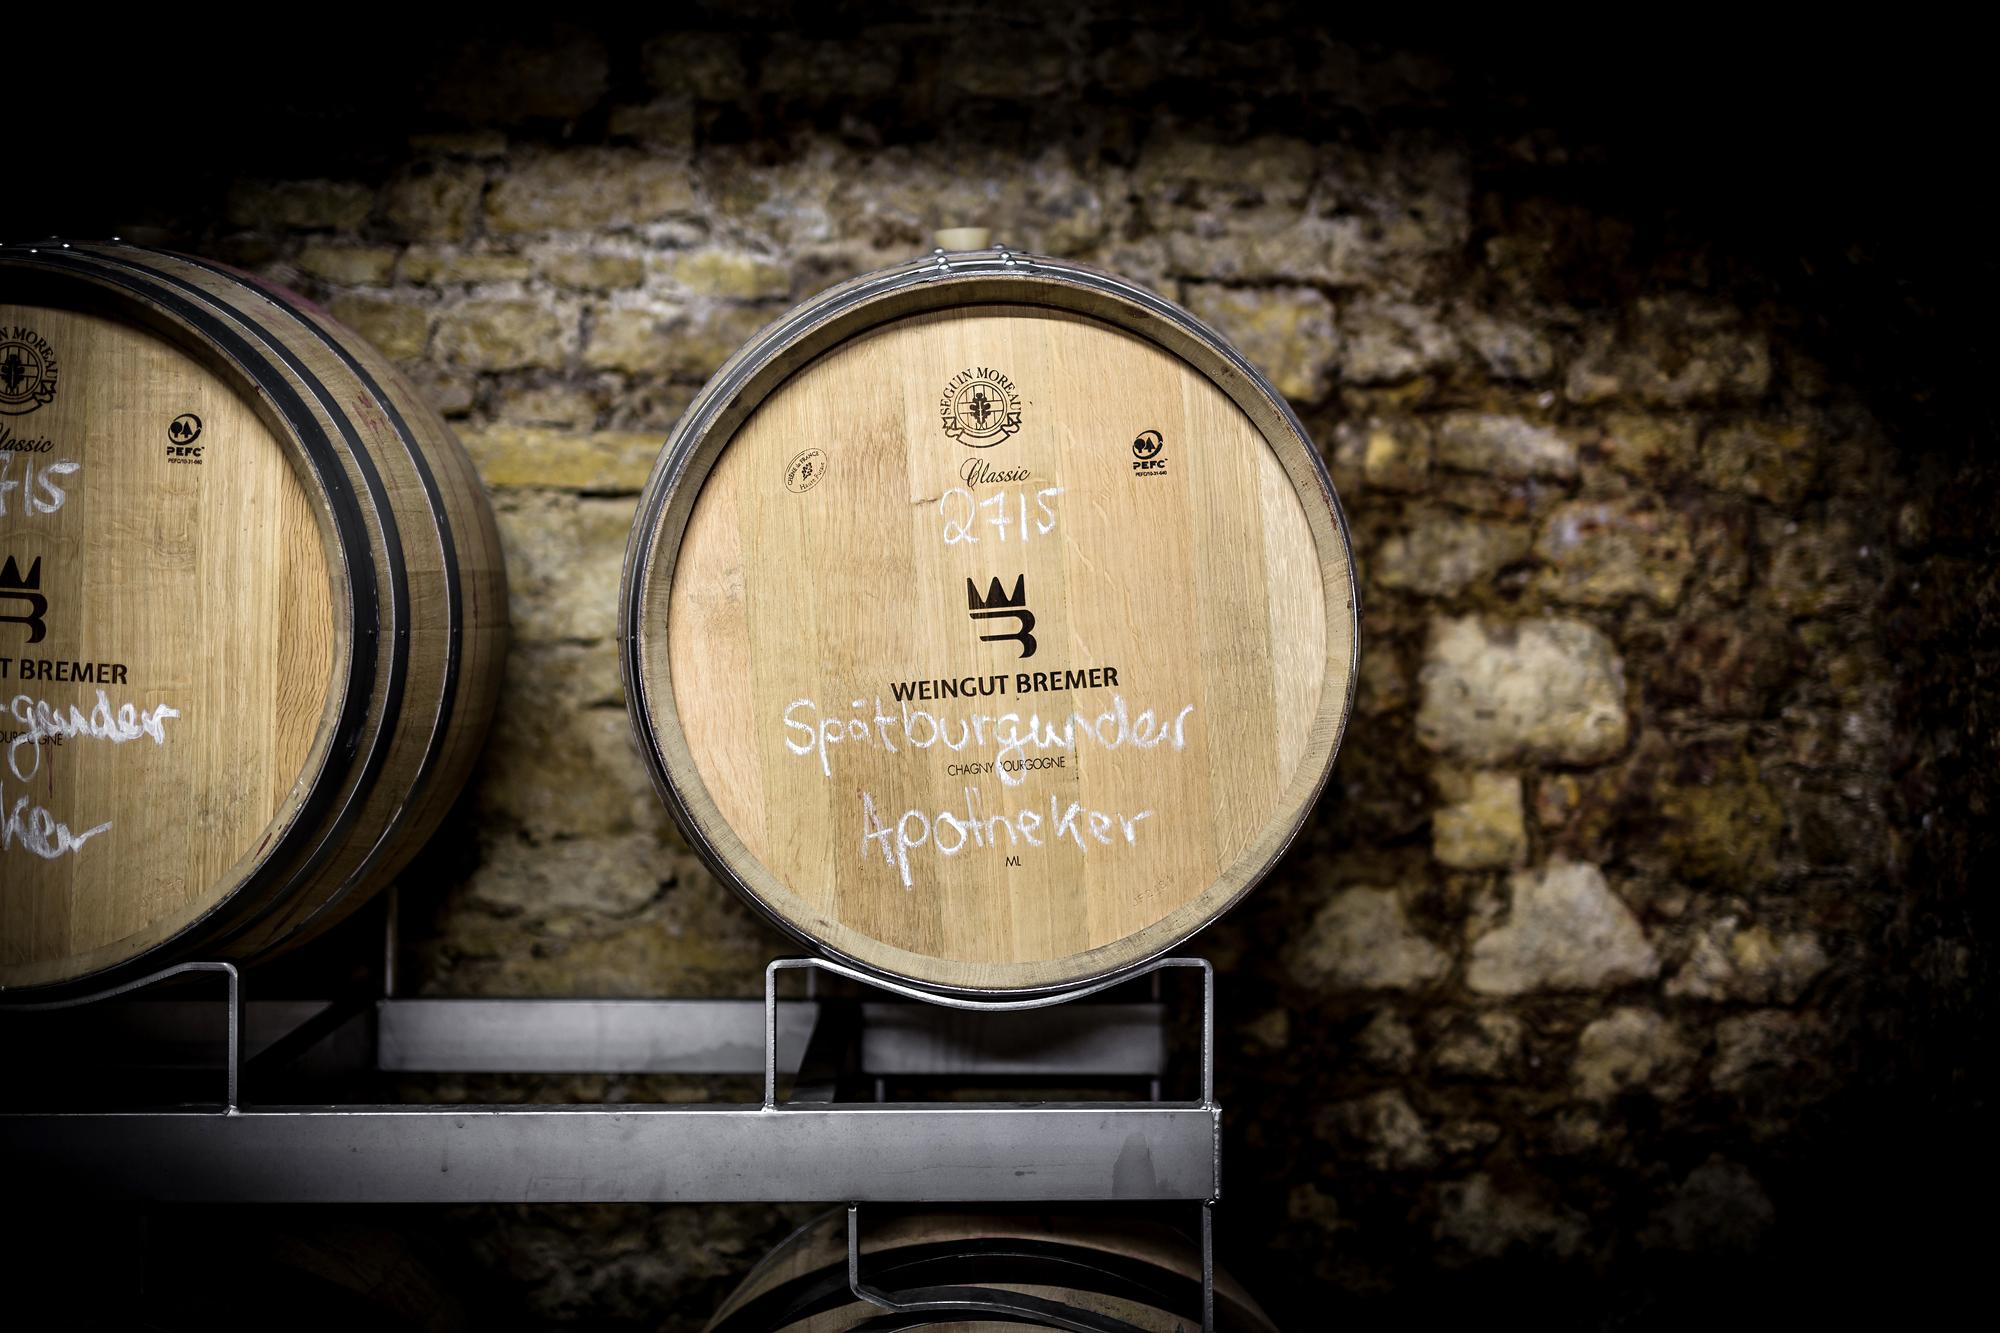 Weingut Bremer - Spätburgunder